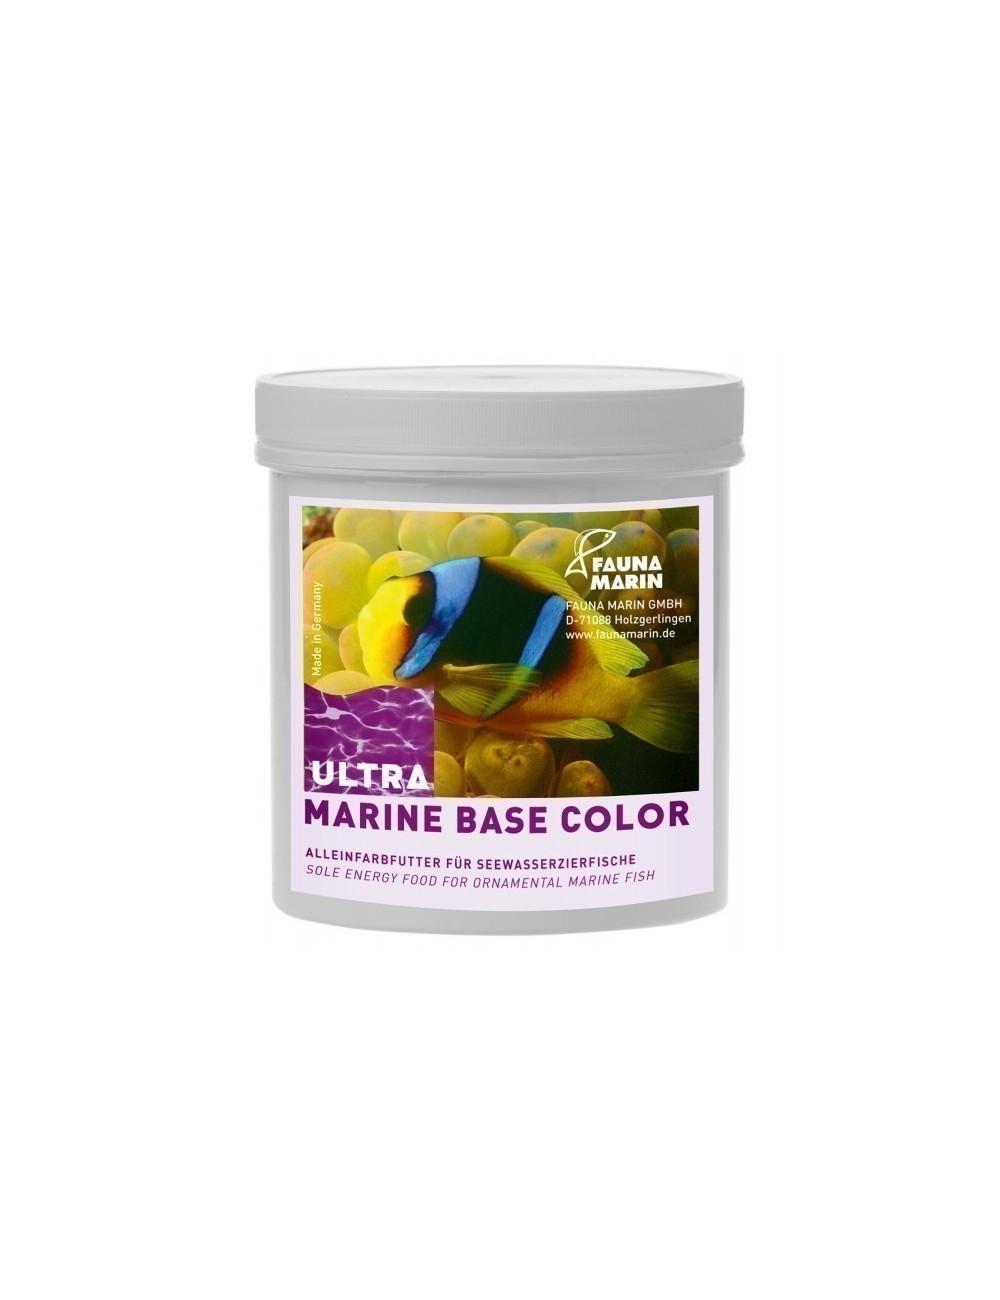 FAUNA MARIN - Marine Base Color Taille M 100ml